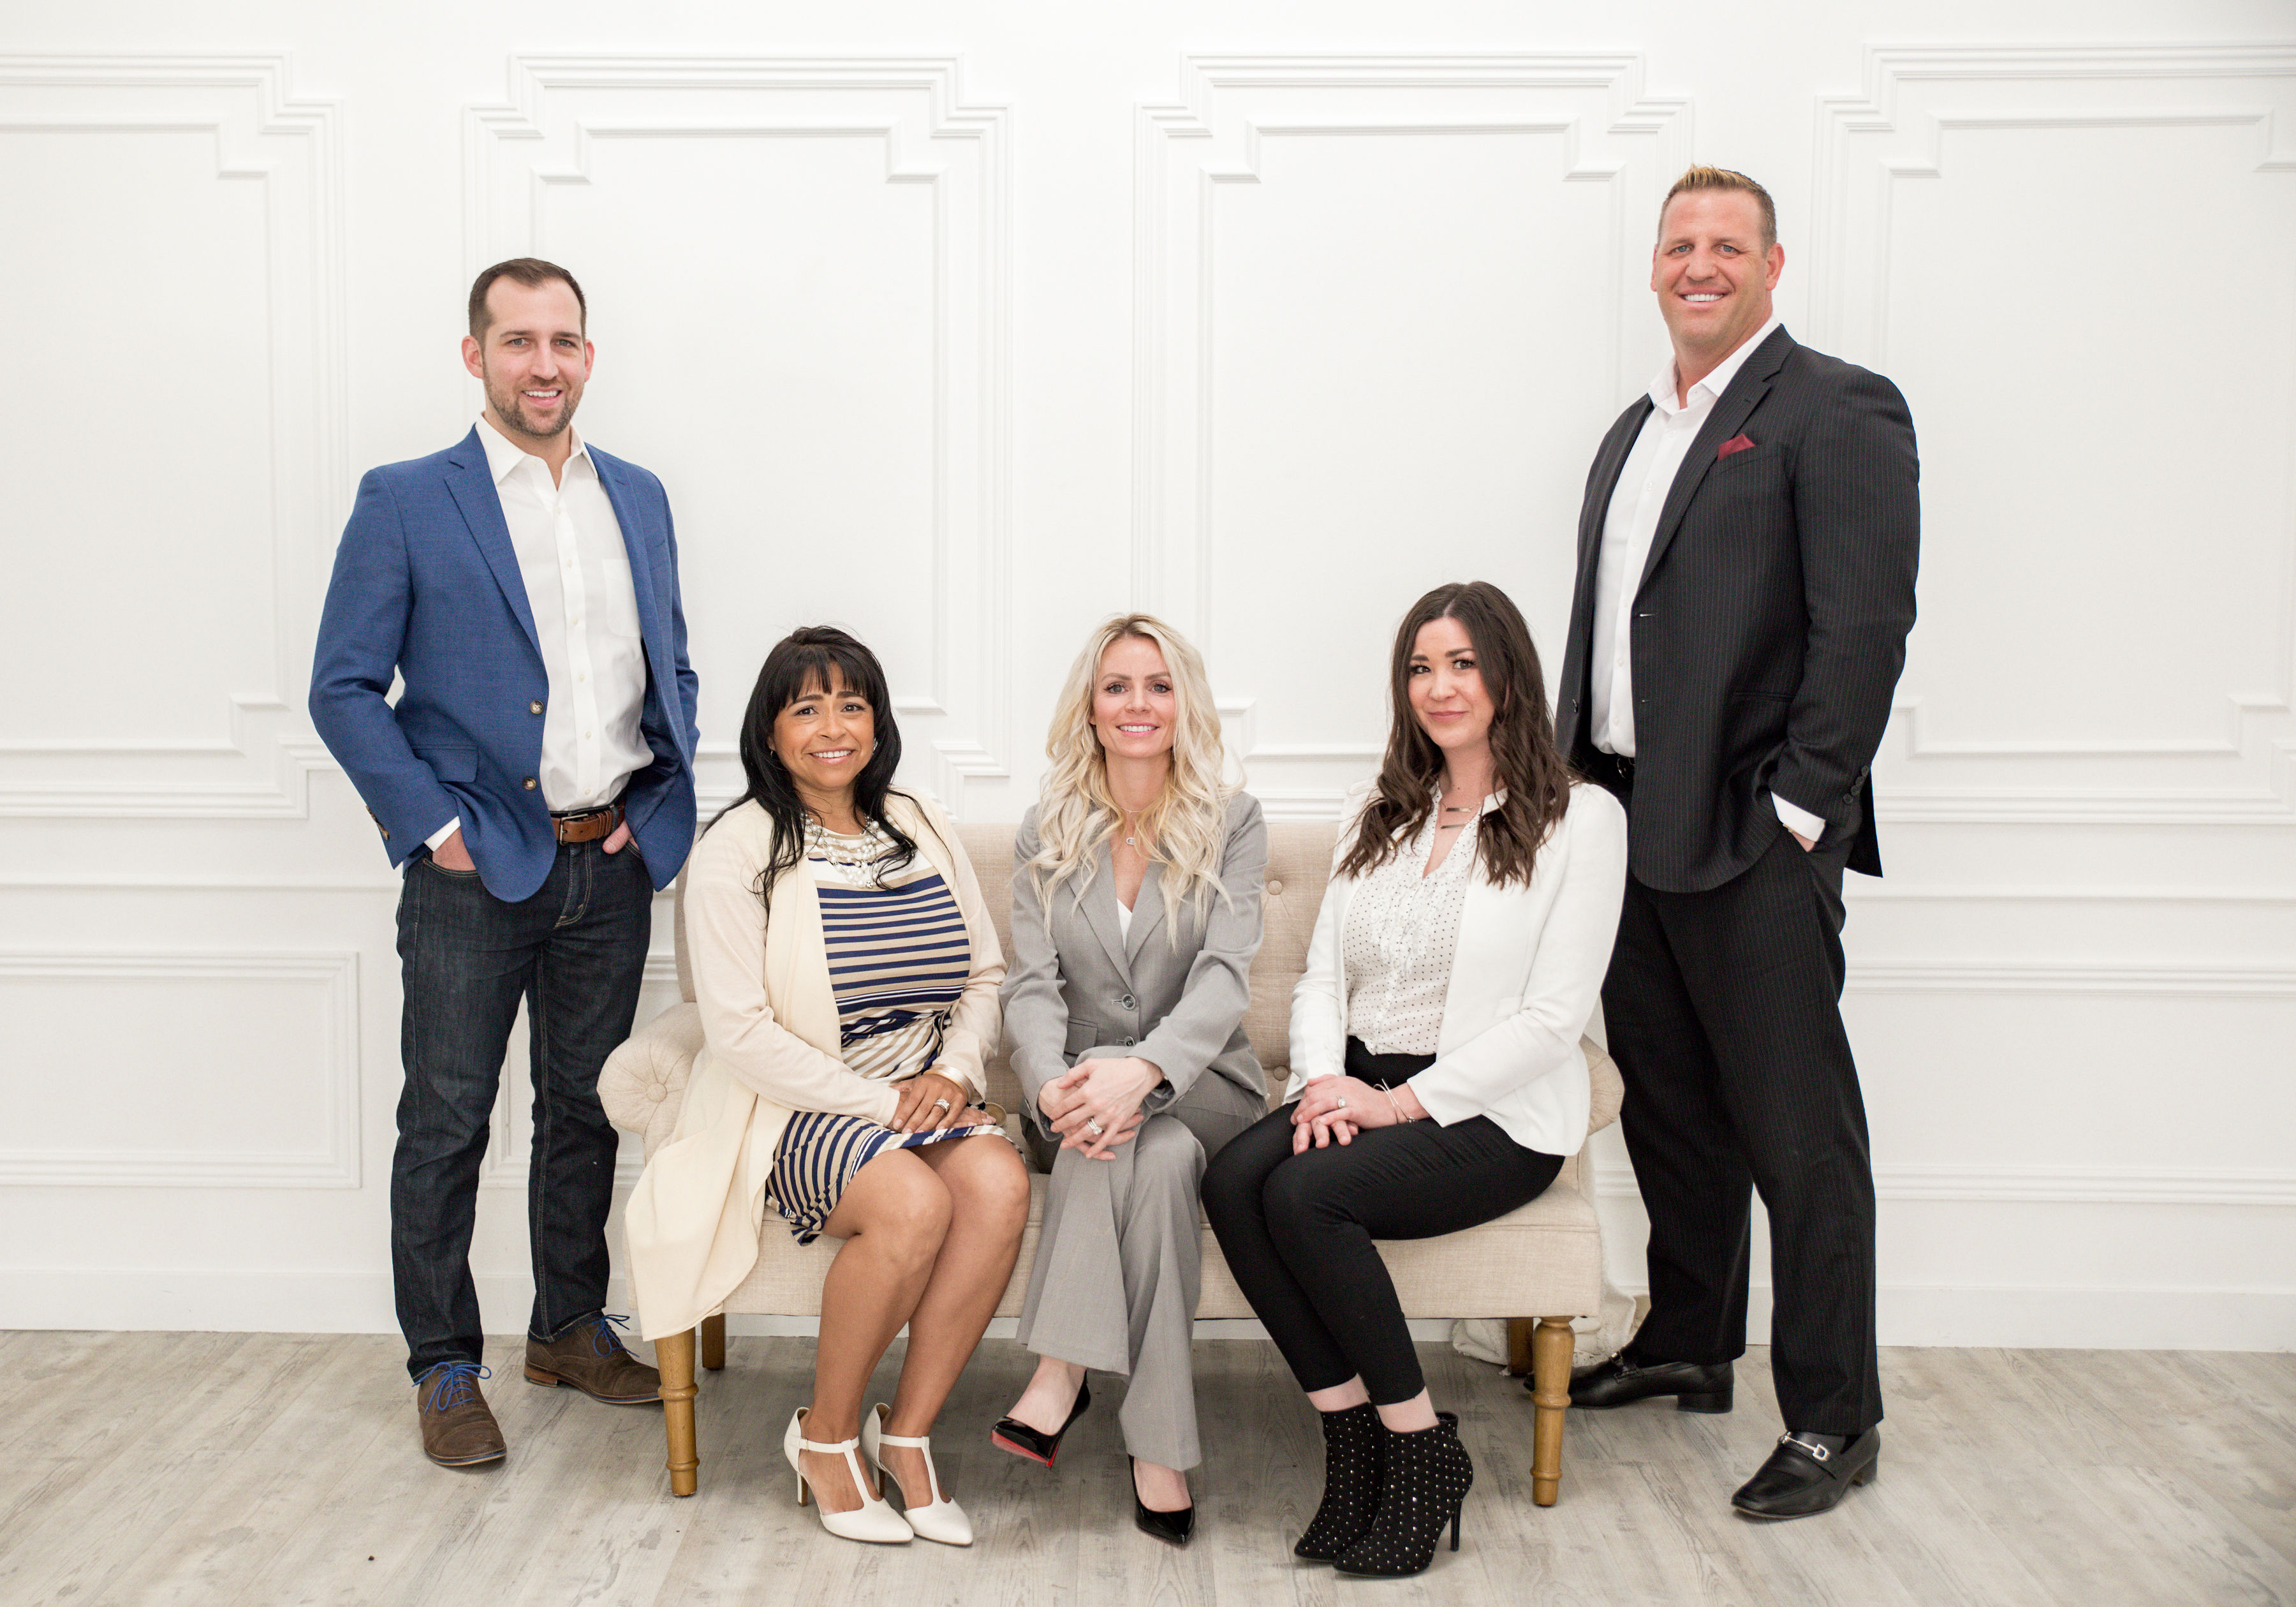 Utah's Best Real Estate Group Brad Winget Team